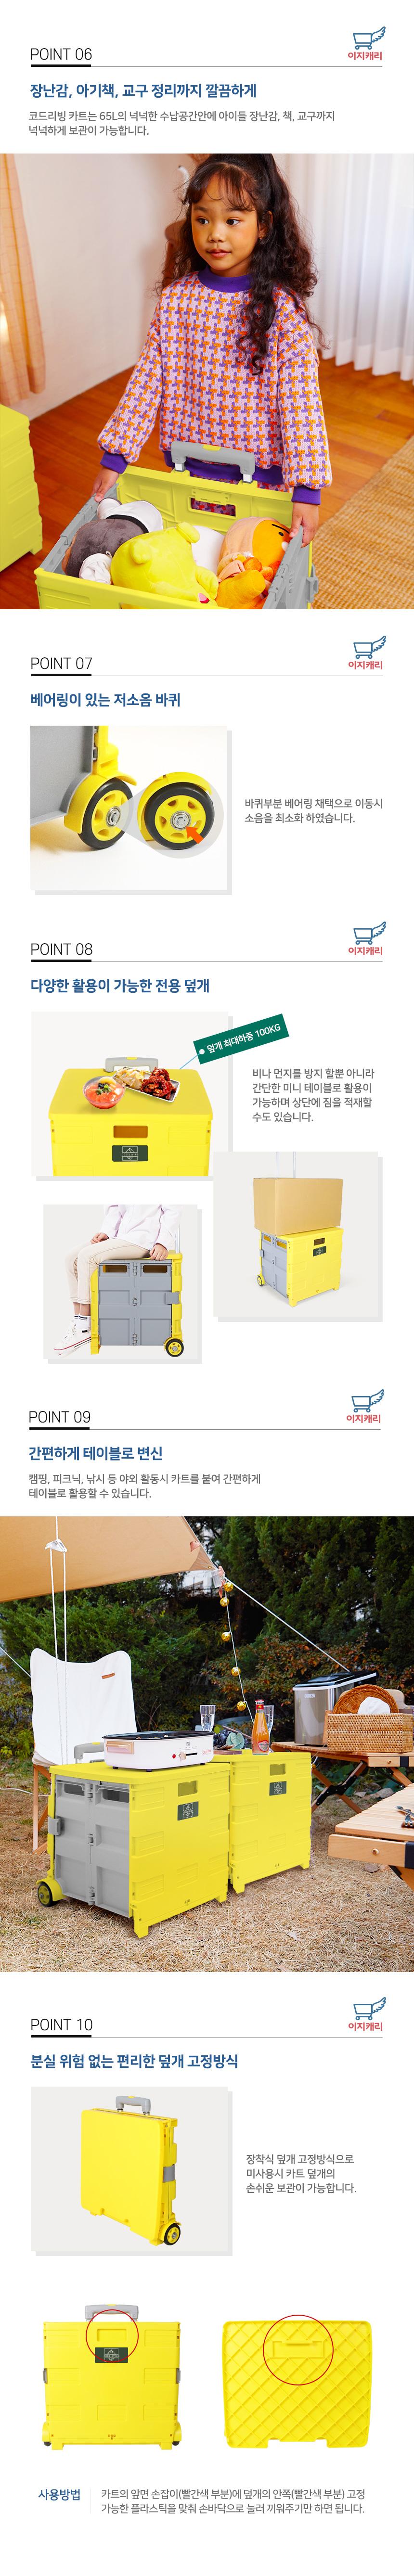 코드리빙 이지캐리 접이식 캠핑 쇼핑카트 CODE-FC40KCB - 코드26, 33,600원, 장바구니/핸드카트, 핸드카트